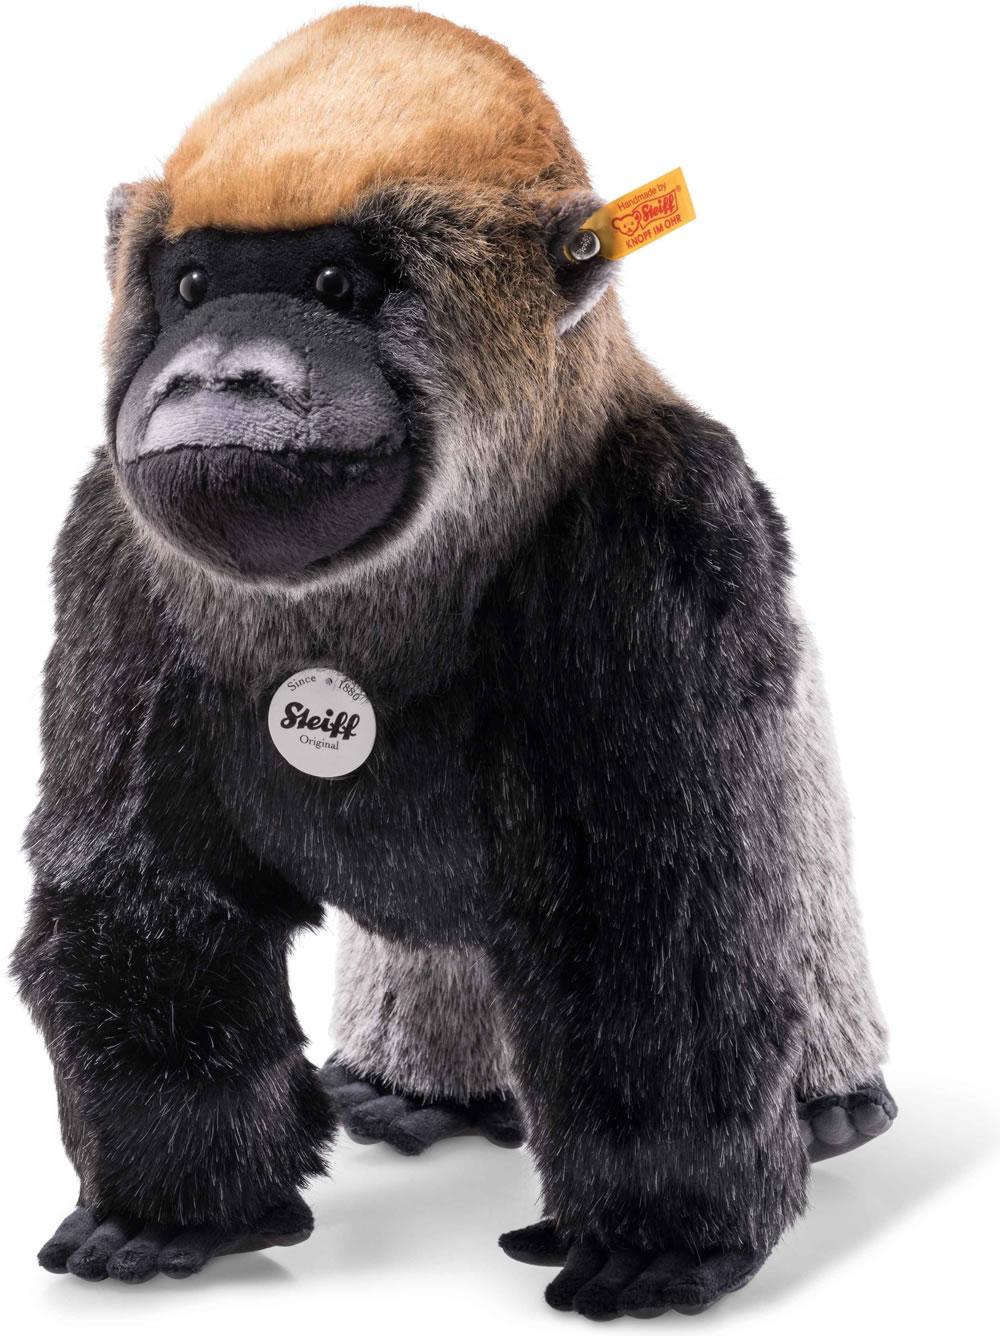 Steiff Kinderzimmer | Steiff Gorilla Boogie 35 Cm Grau Stehend 062216 Bei Papiton Bestellen